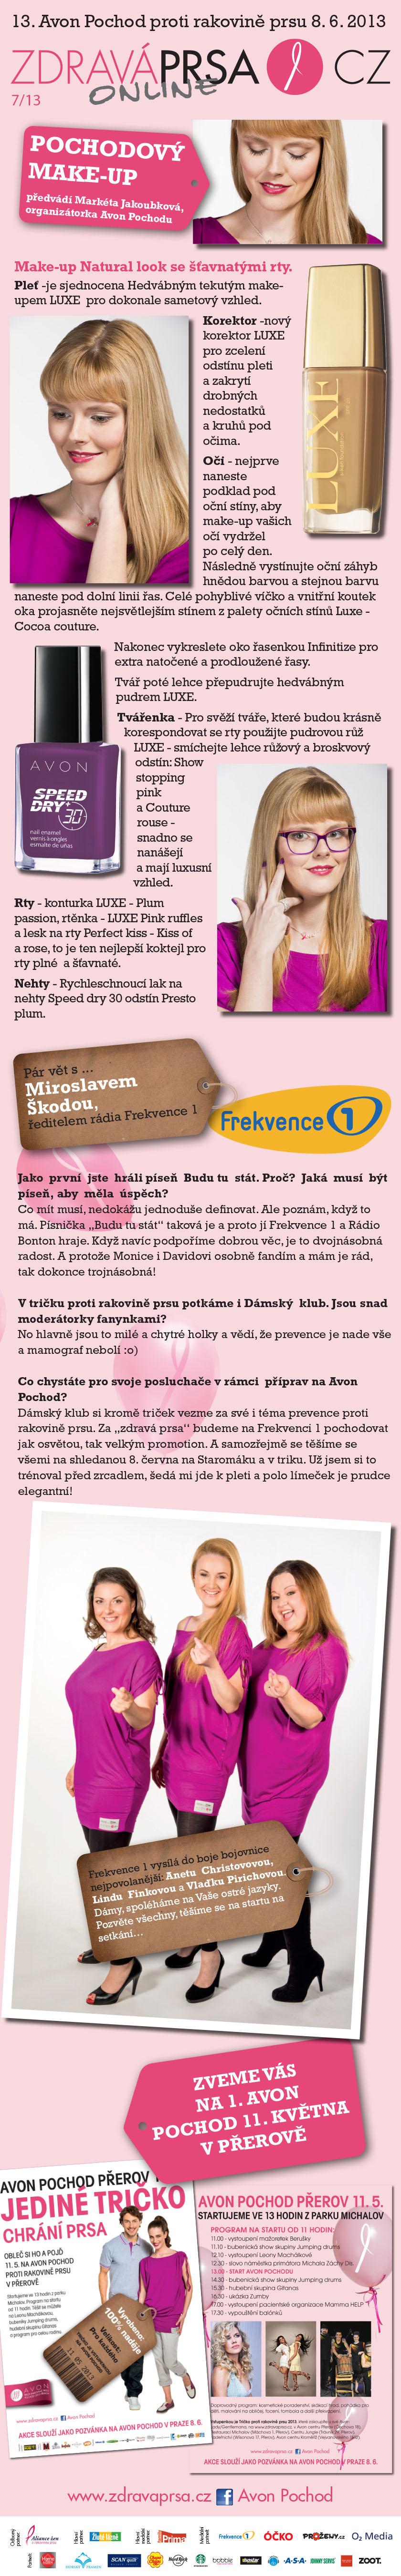 Zdravaprsa.cz ONLINE 7.2013